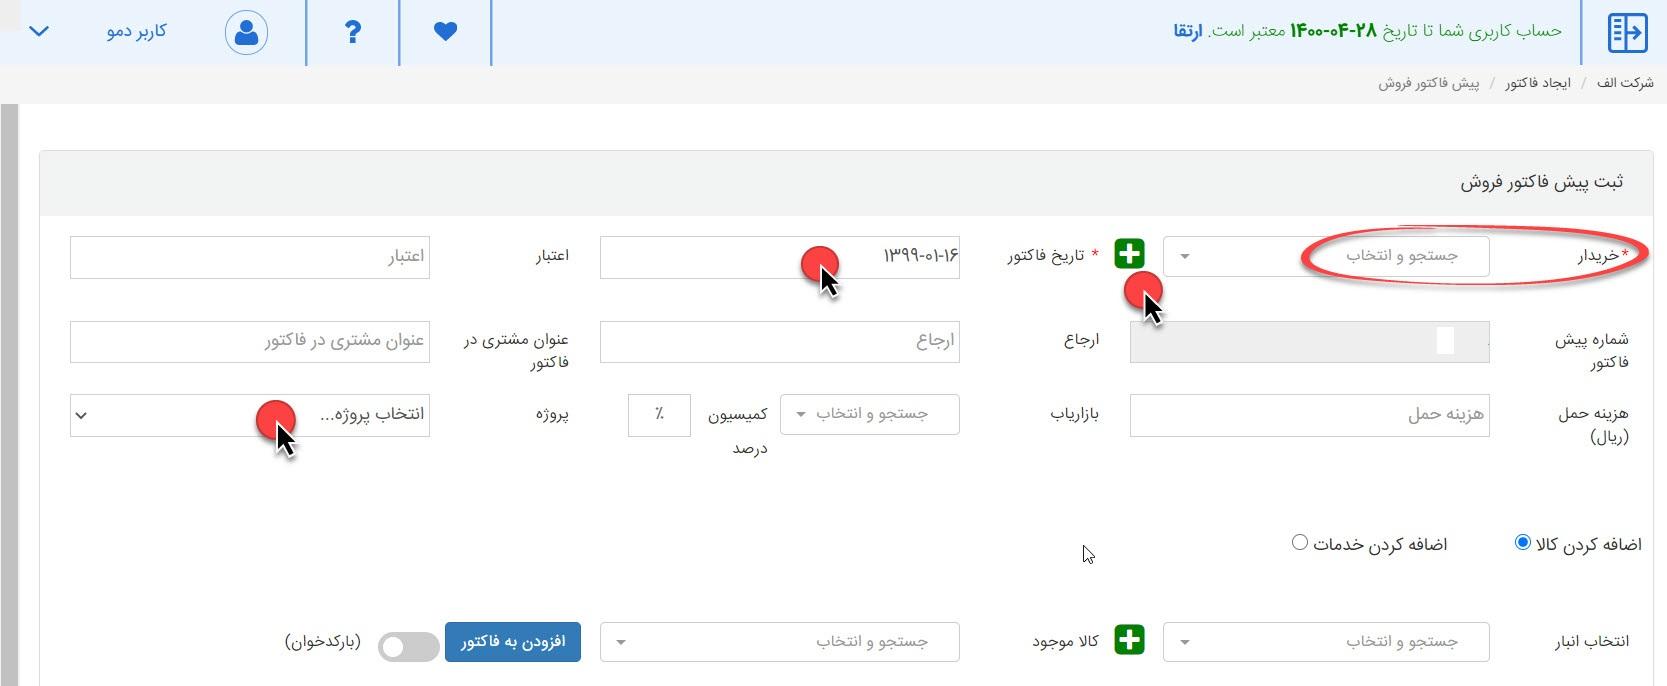 پیش فاکتور فروش نرم افزار حسابداری آنلاین ابرستان